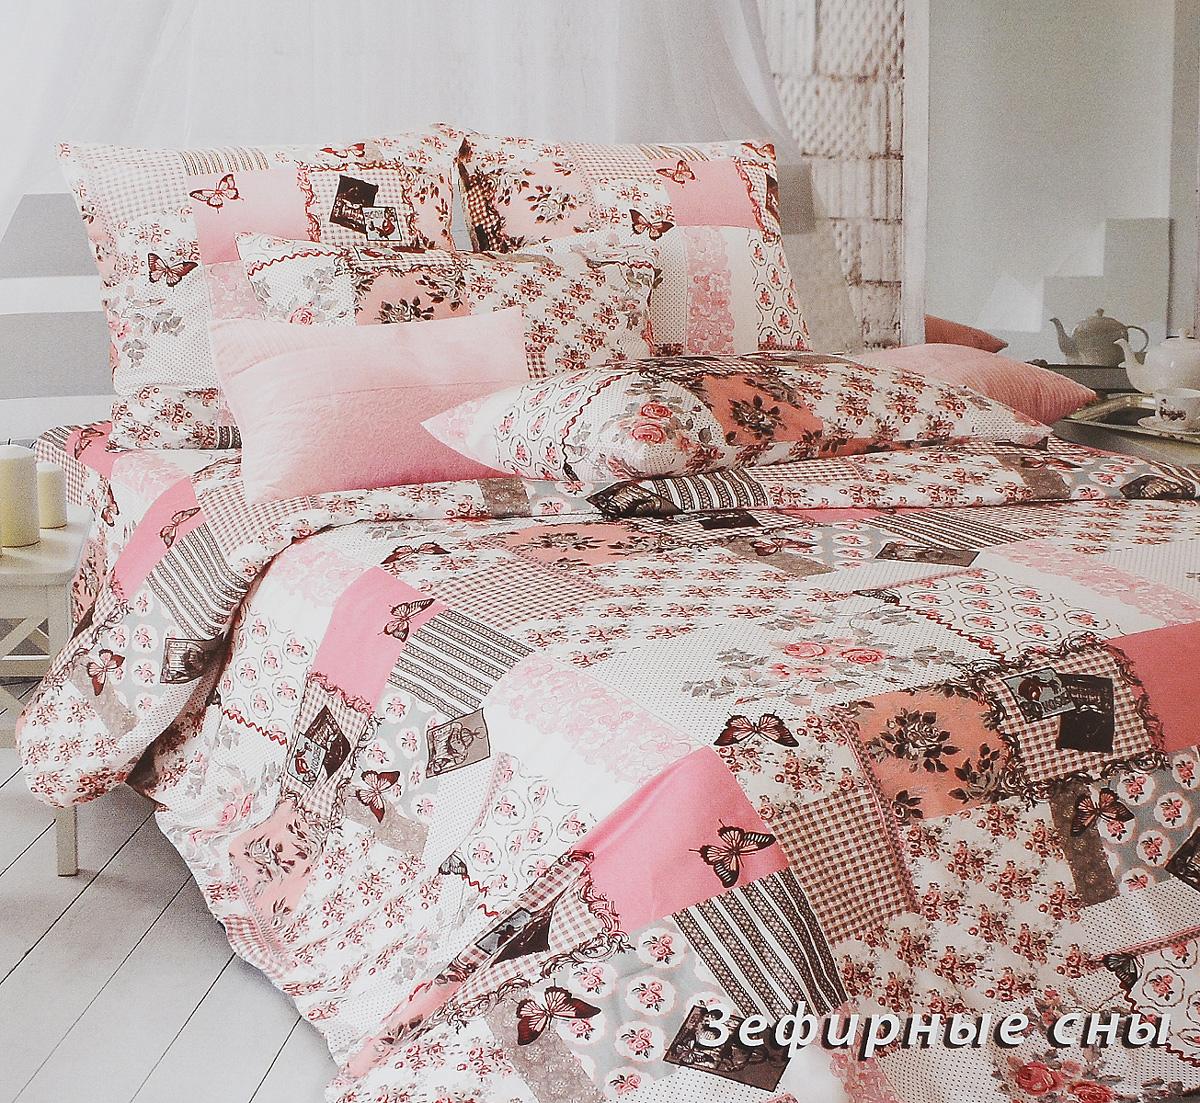 """Комплект белья Tiffany's Secret """"Зефирные сны"""", 1,5-спальный, наволочки 50х70, цвет: розовый, белый, темно-коричневый"""